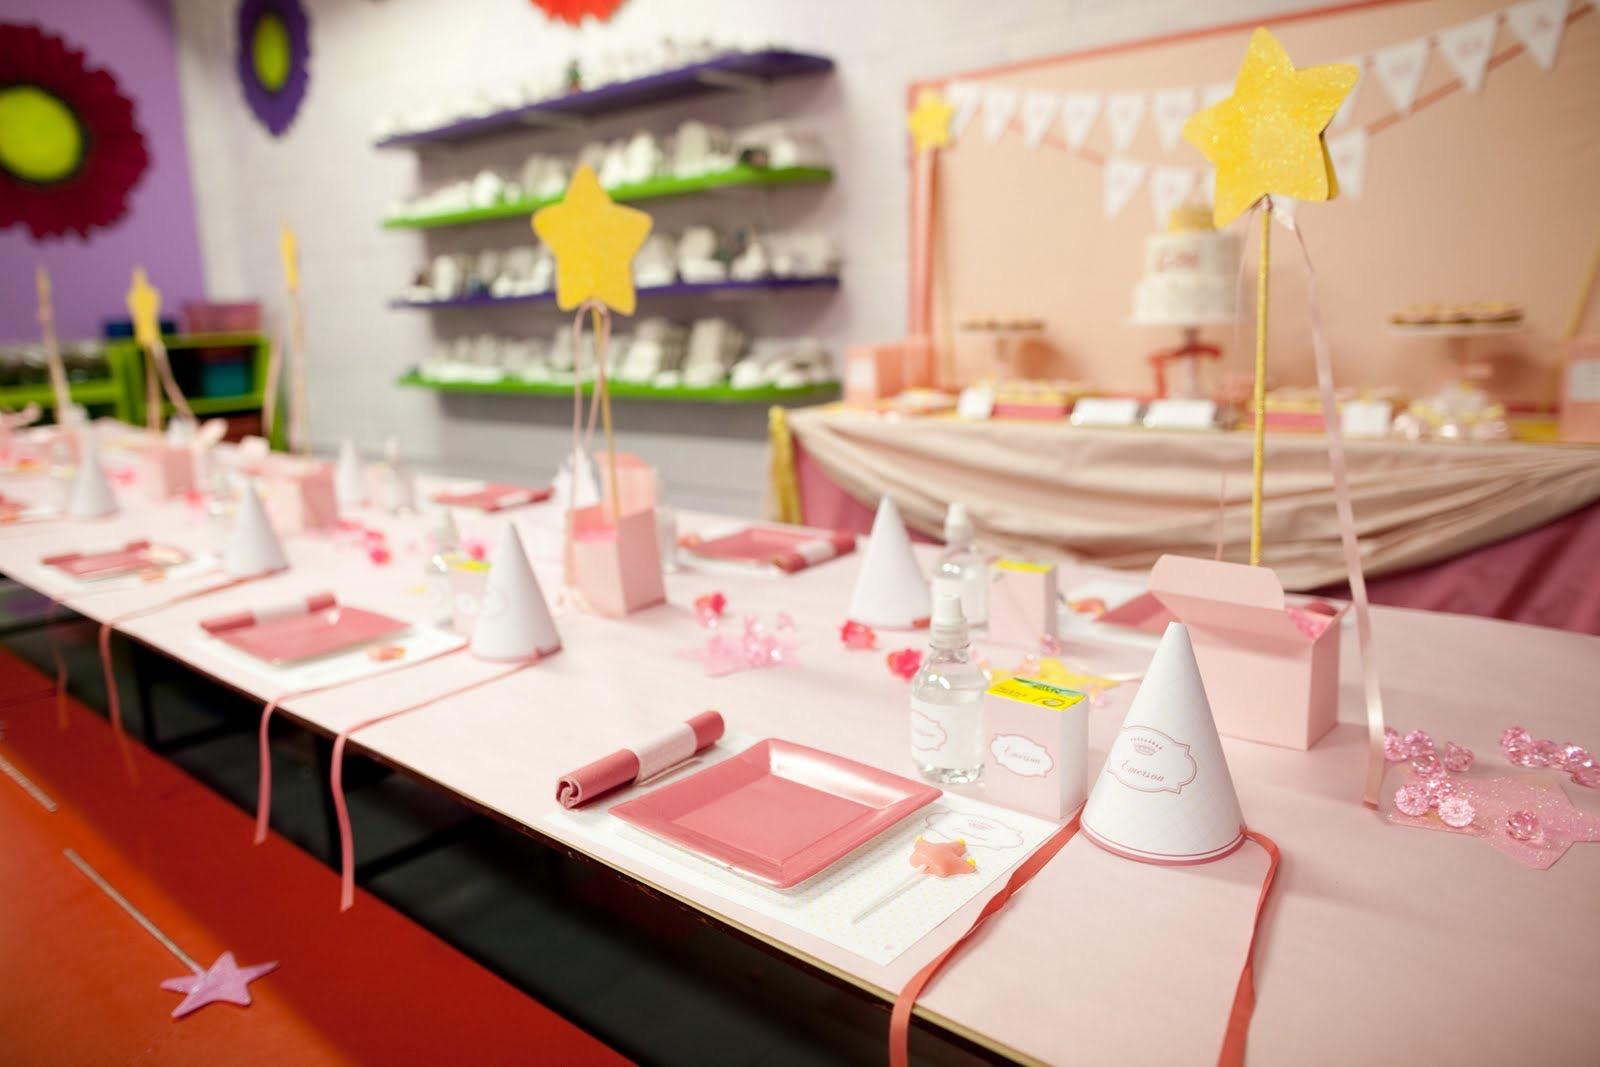 Оформление детского праздника в розовом цвете